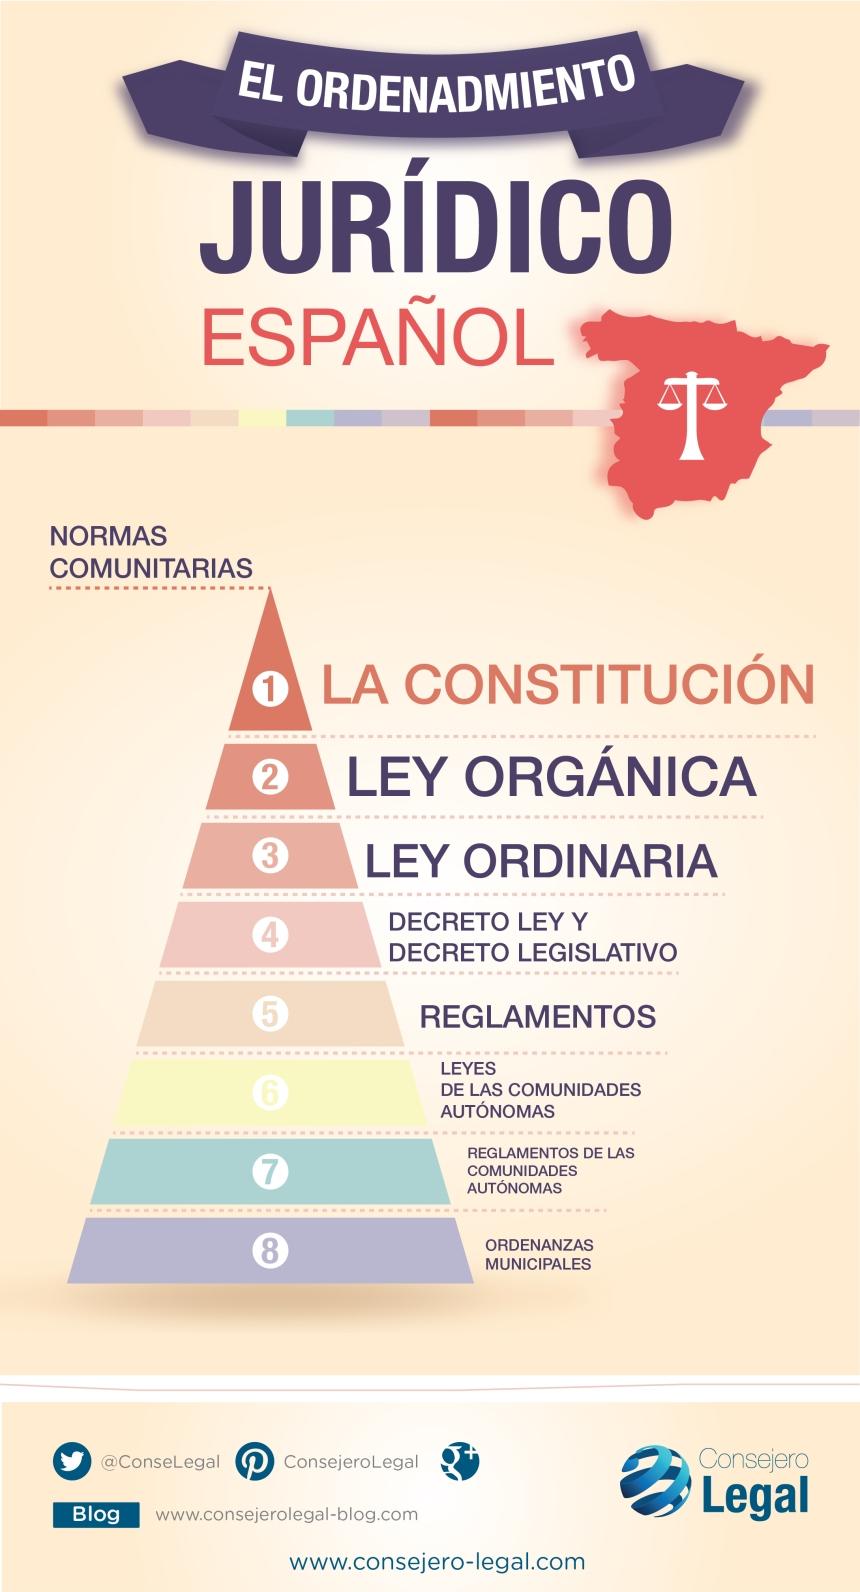 Jerarquía en el Ordenamiento Jurídico Español